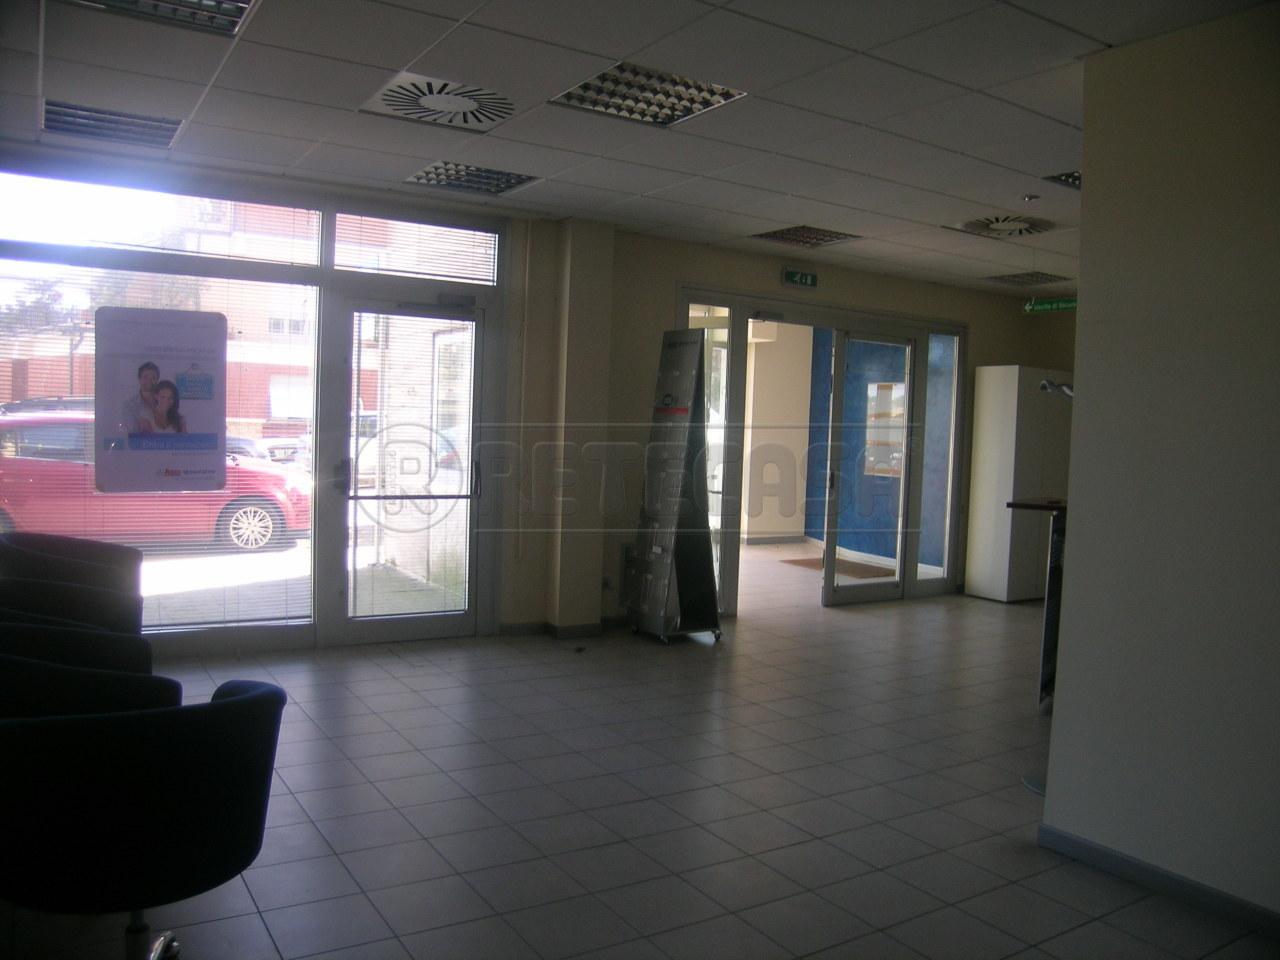 Ufficio / Studio in affitto a Ancona, 16 locali, prezzo € 2.500 | Cambio Casa.it